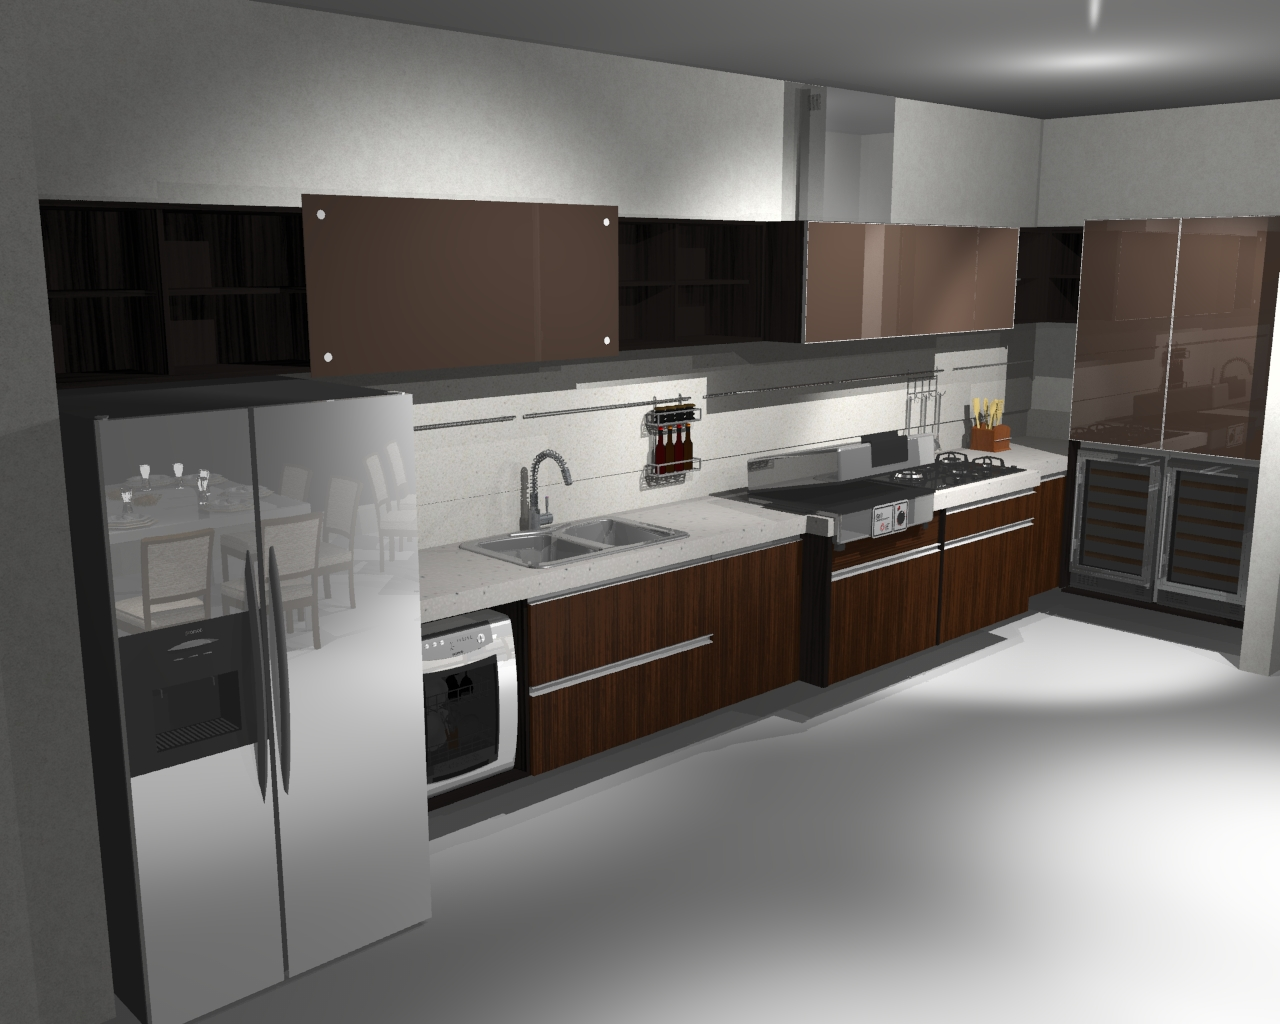 Imagens em 3D do projeto de uma cozinha Gourmet. Projeto realizado em  #5F4E44 1280 1024